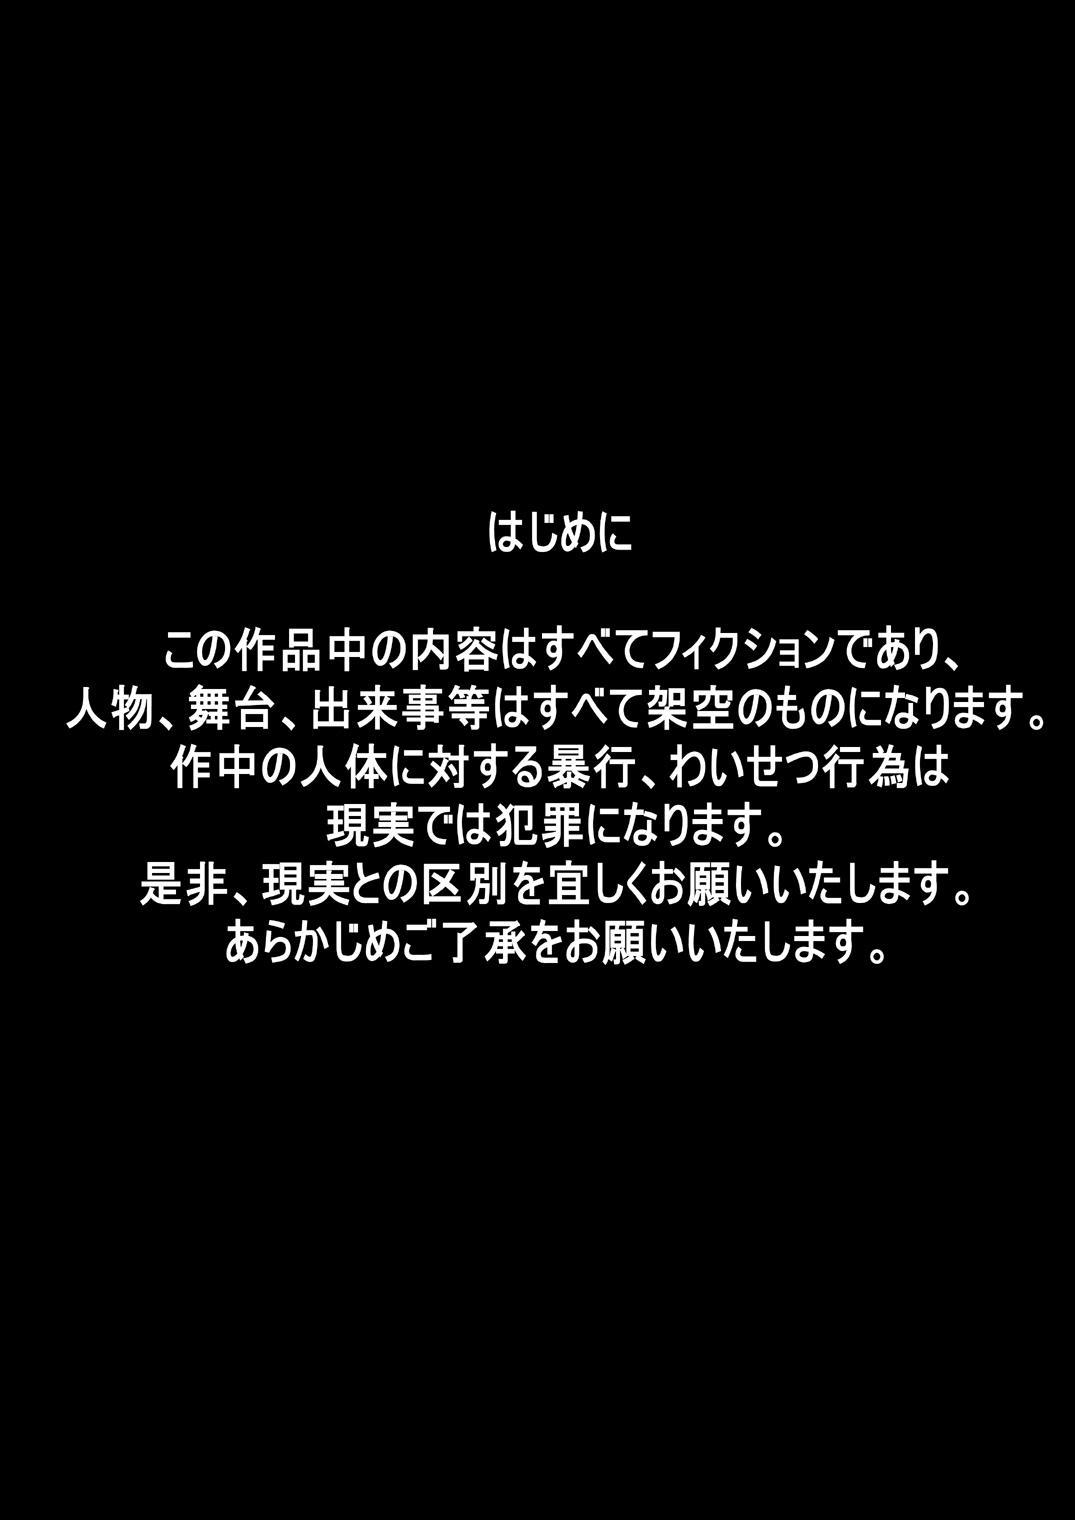 [Dende] Fushigi Sekai -Mystery World- no Nona 17 ~ Taiketsu Fujimi no Dai Inma Dakurasu, Kanzen Sekka no Kyoufu 5